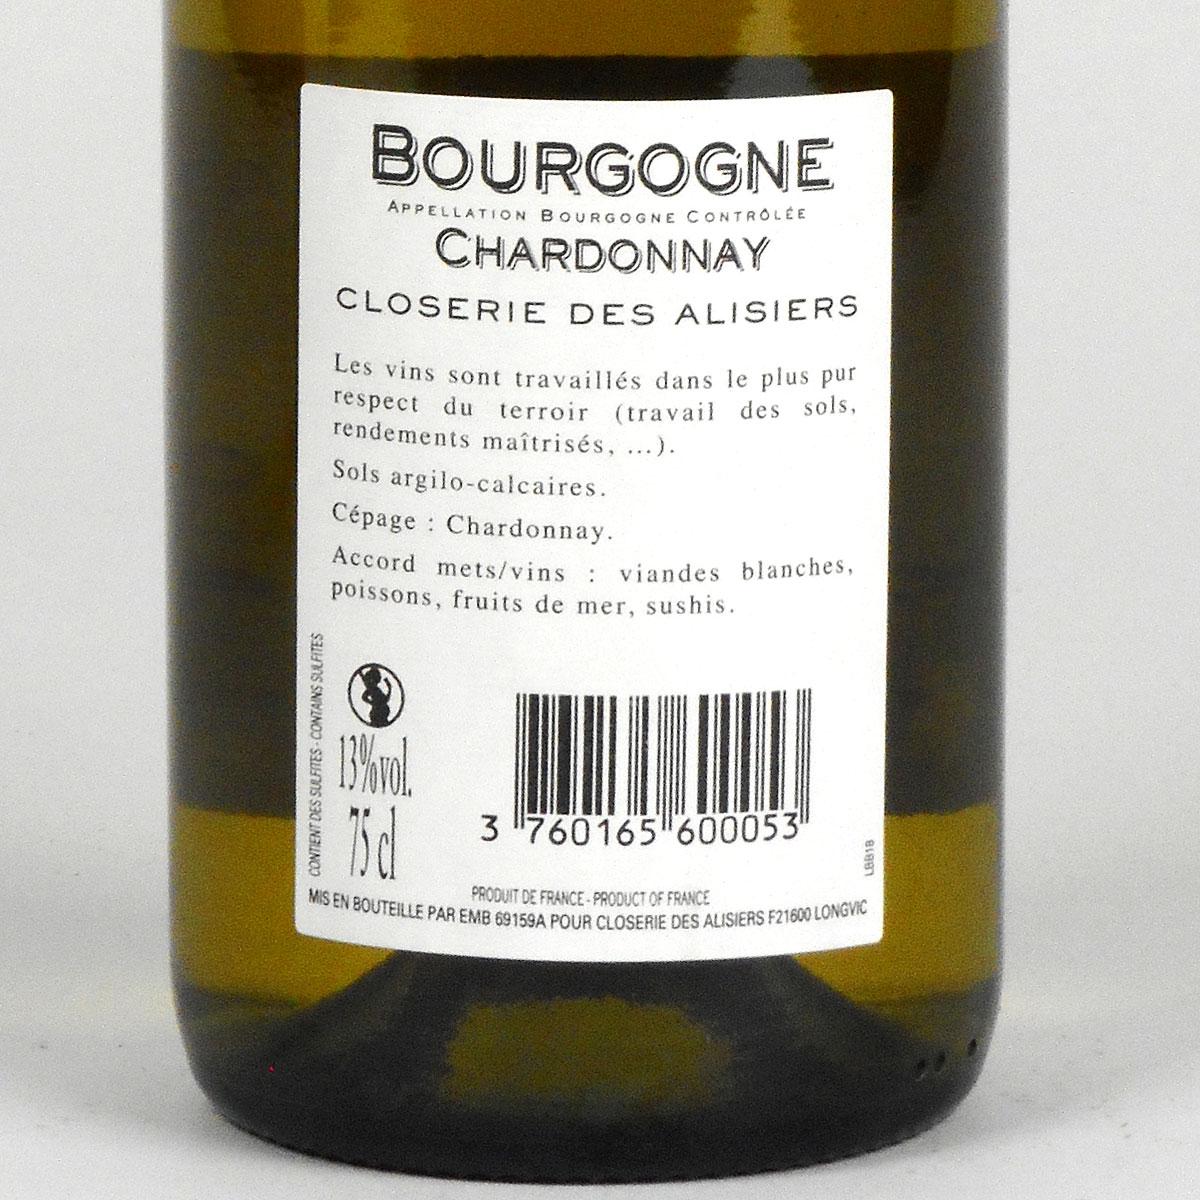 Bourgogne Chardonnay: Closerie des Alisiers 2018 - Bottle Rear Label